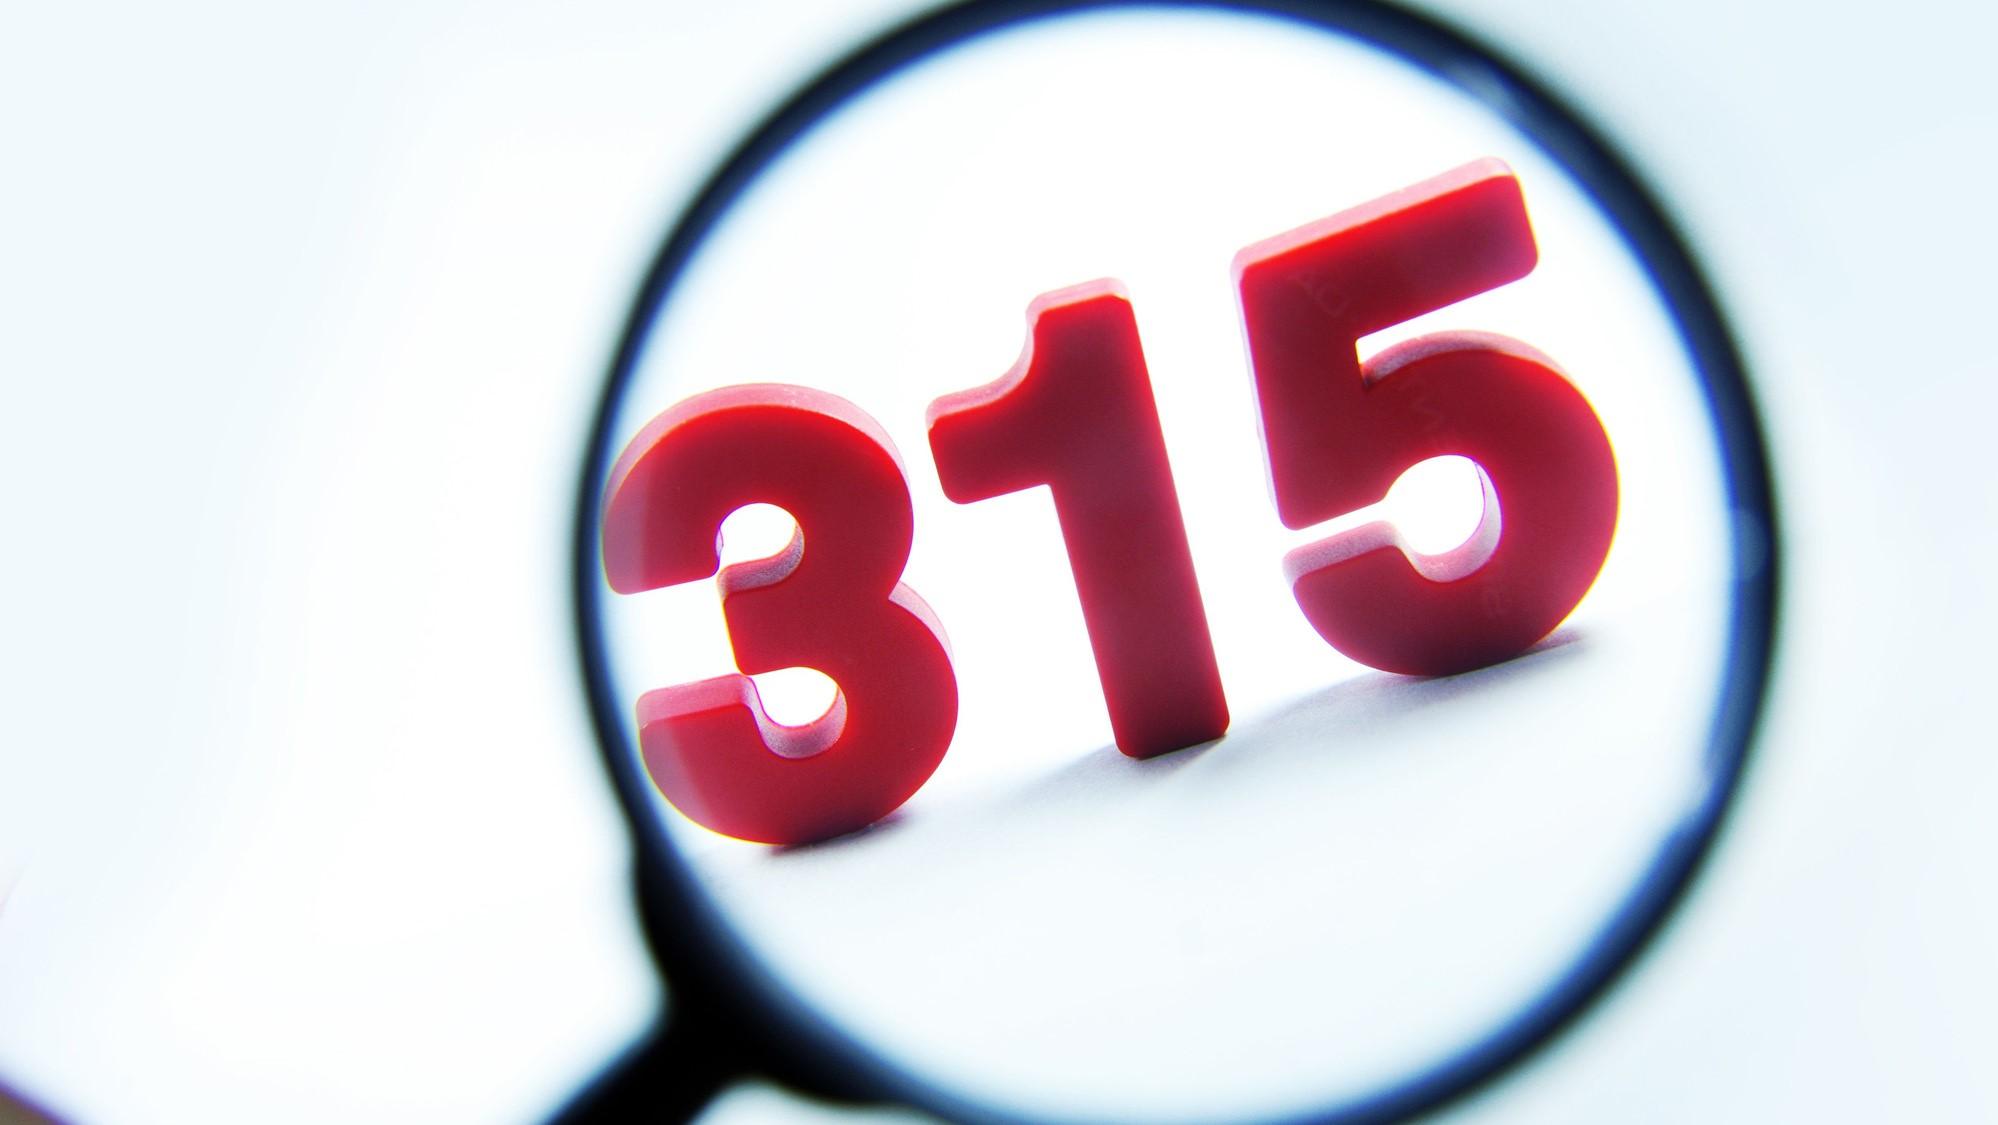 7年315晚会曝光重灾区:个人信息安全上黑榜,食品领域企业超55家